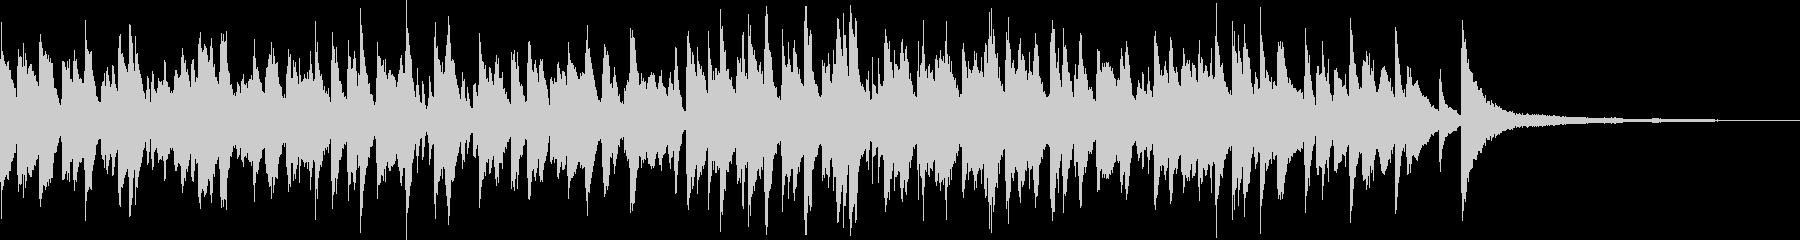 「いつか王子様が」ボサノバ/ピアノトリオの未再生の波形